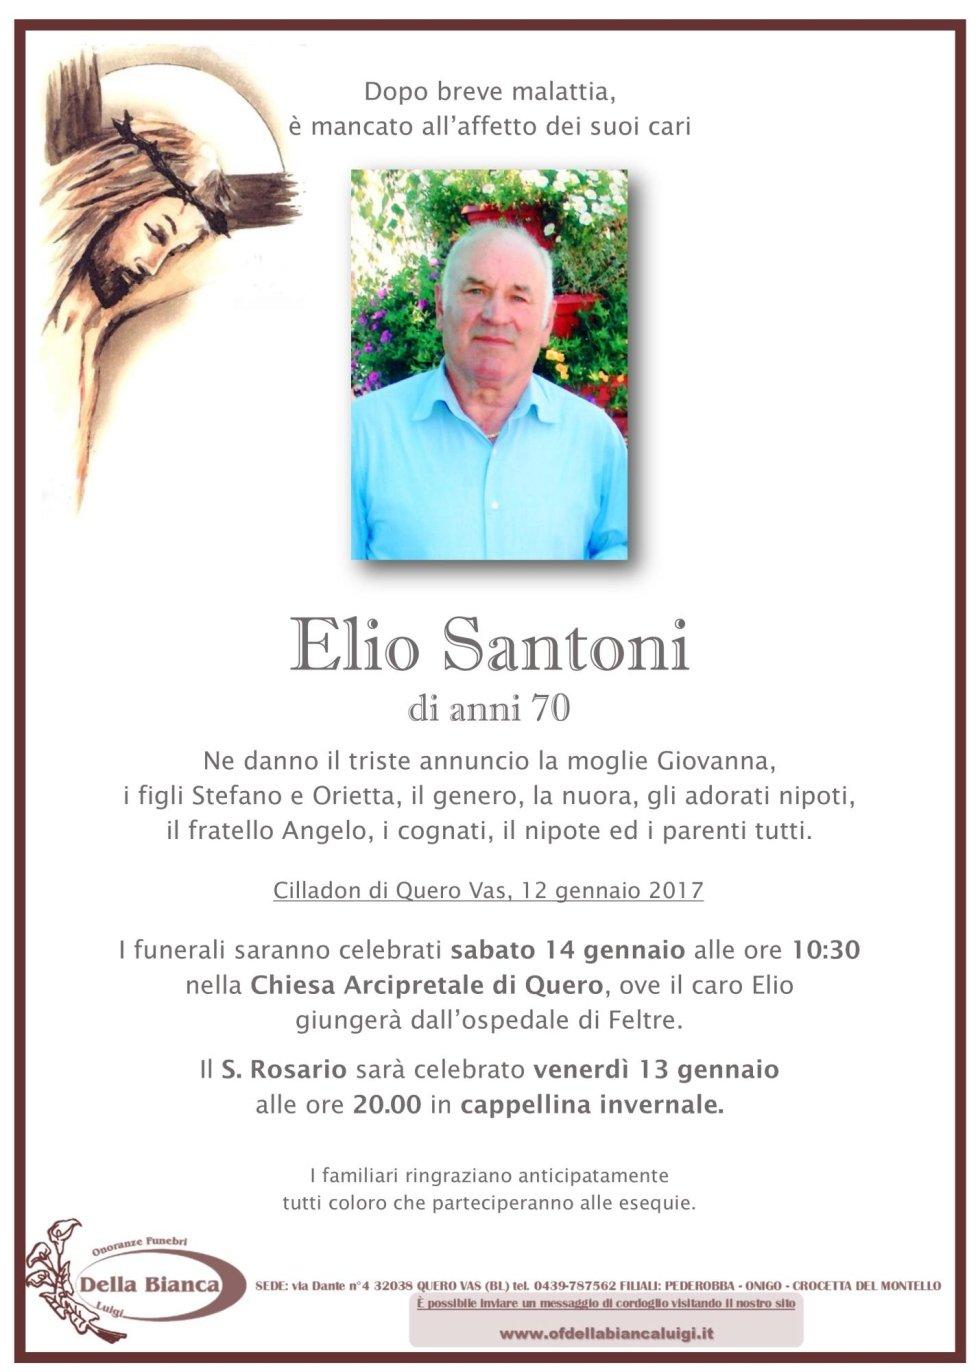 elio santoni